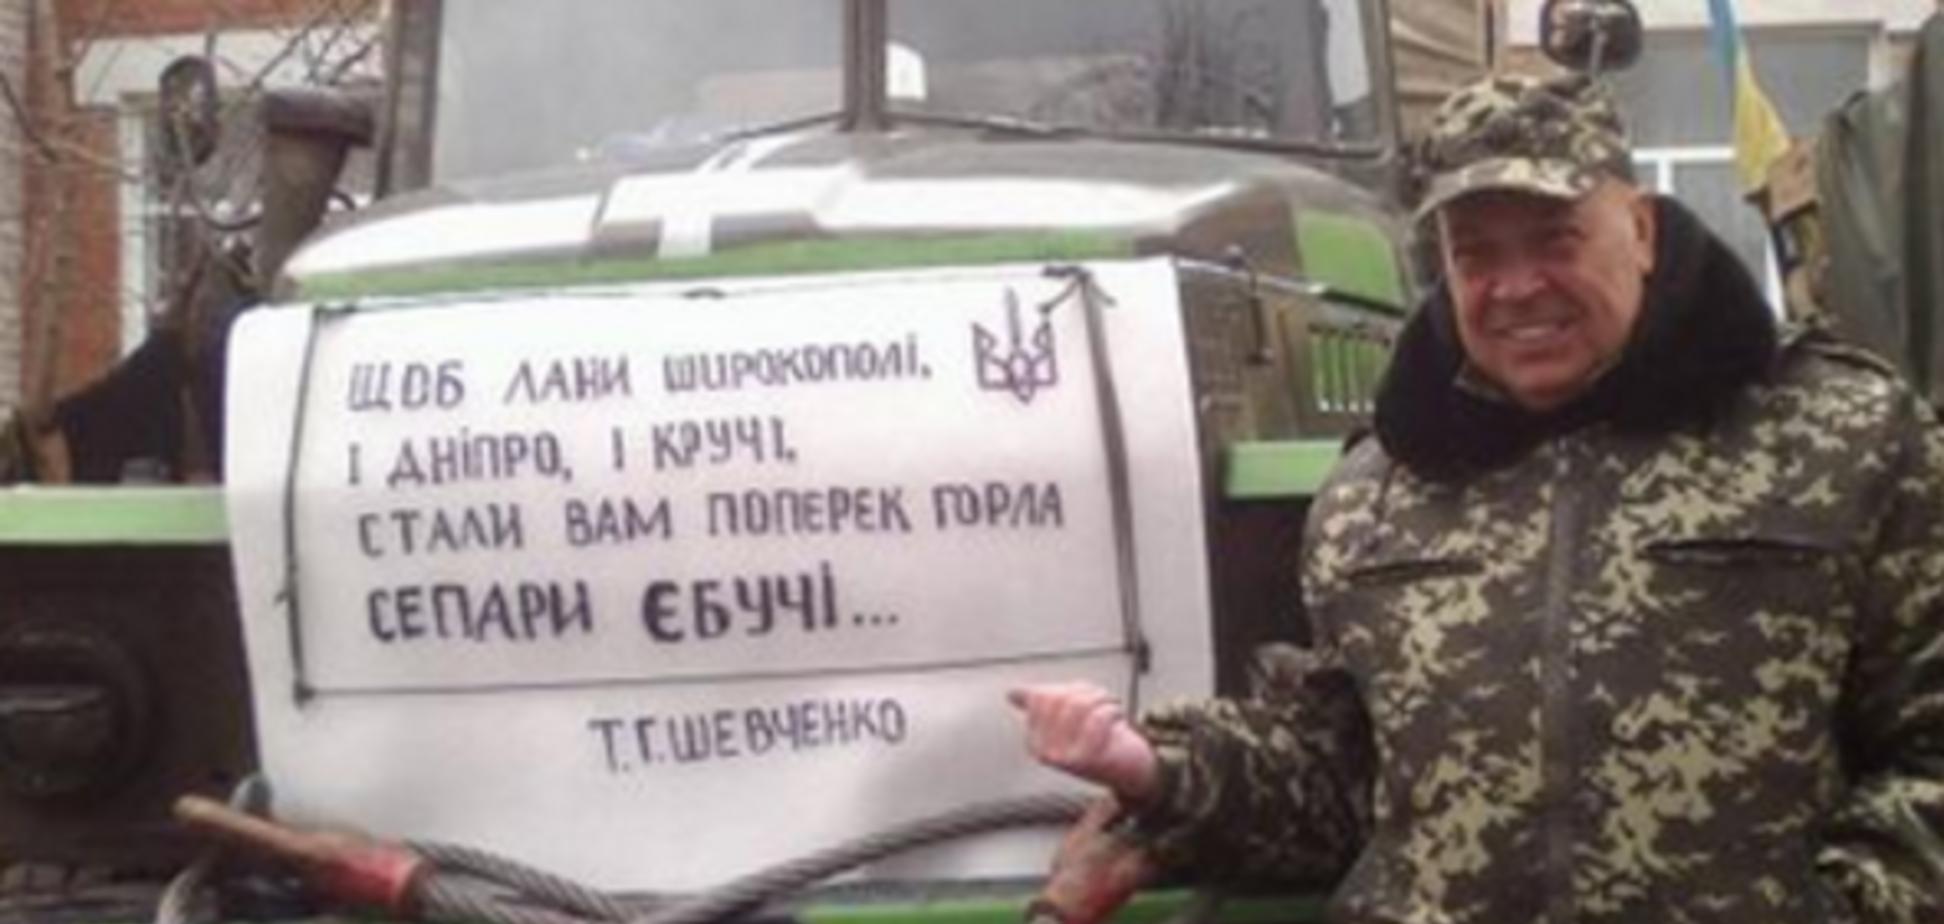 Москаль засветился на фото с матерным посланием к сепаратистам